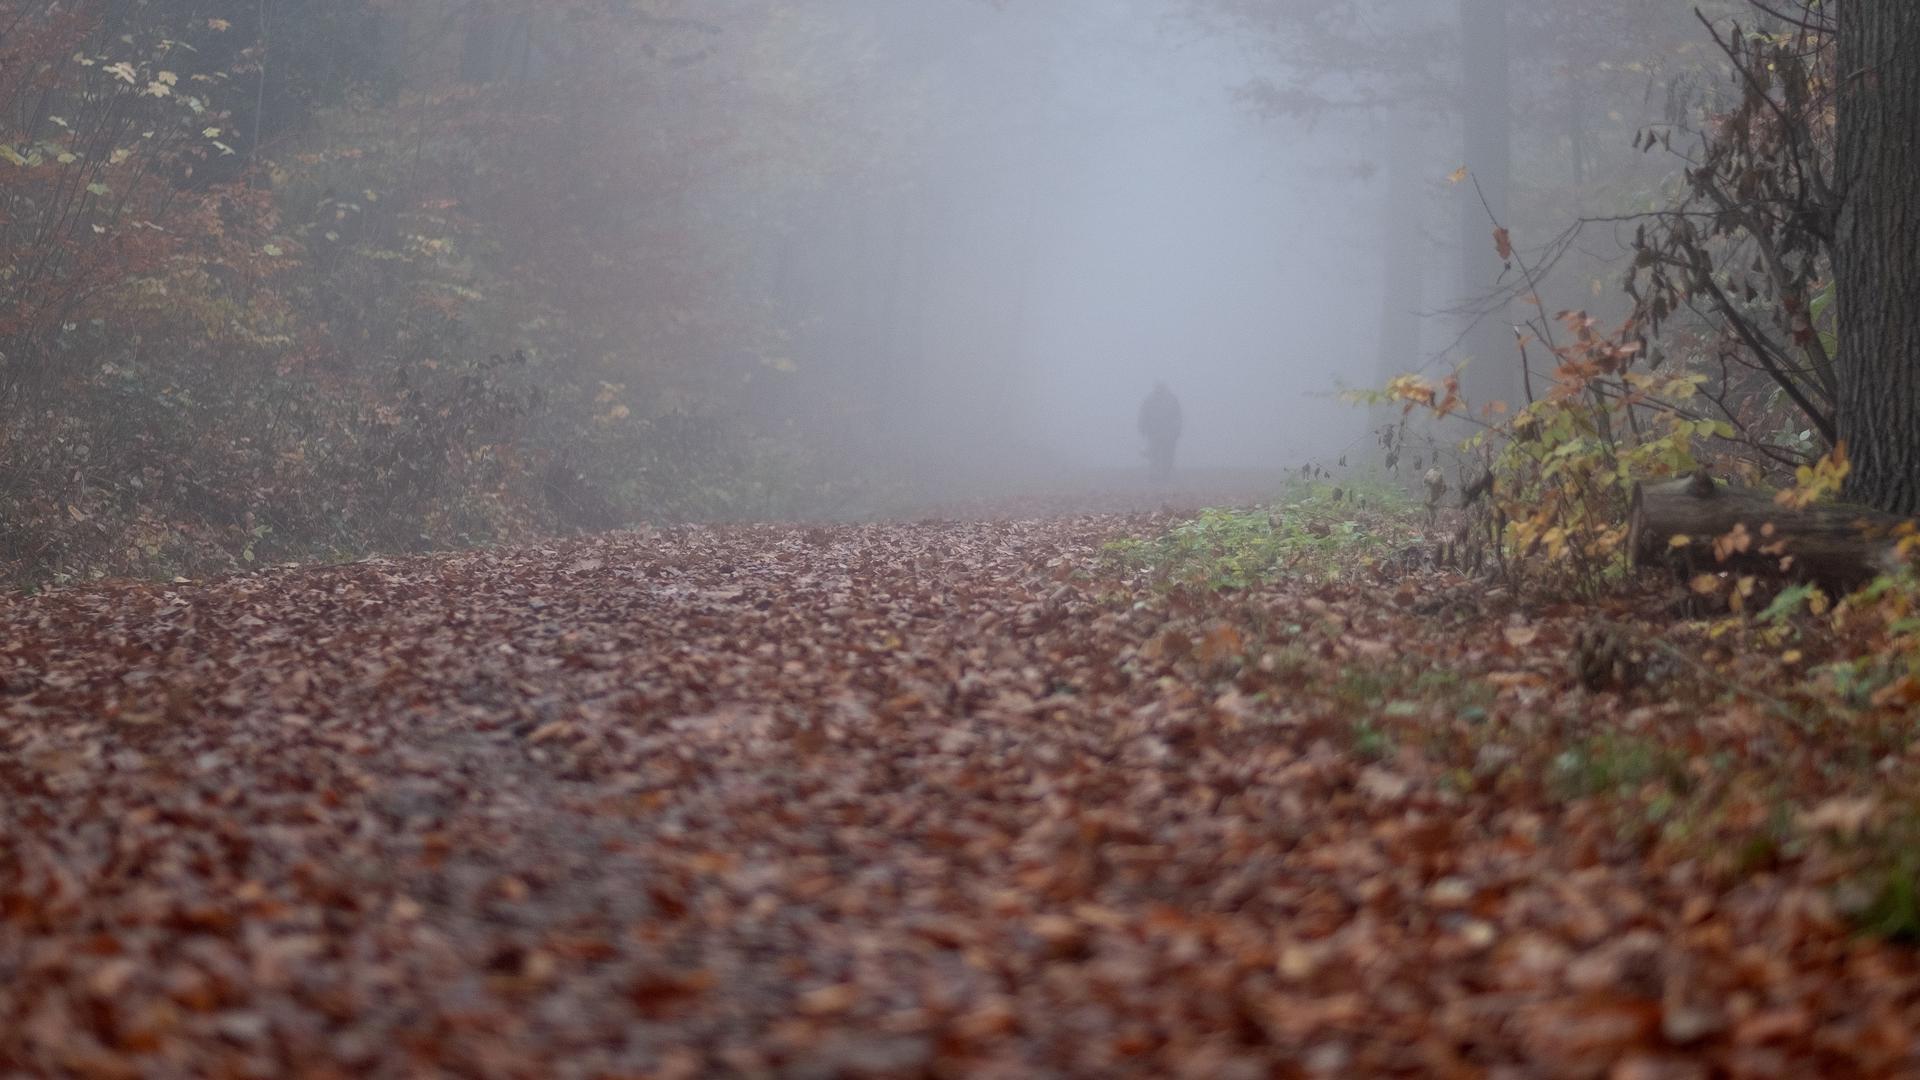 11.11.2020, Baden-Württemberg, Stuttgart: Ein Spaziergänger geht im Nebel auf einem Waldweg auf dem zahlreiche herbstliche gefärbte Blätter liegen spazieren. Foto: Bernd Weissbrod/dpa +++ dpa-Bildfunk +++   Verwendung weltweit